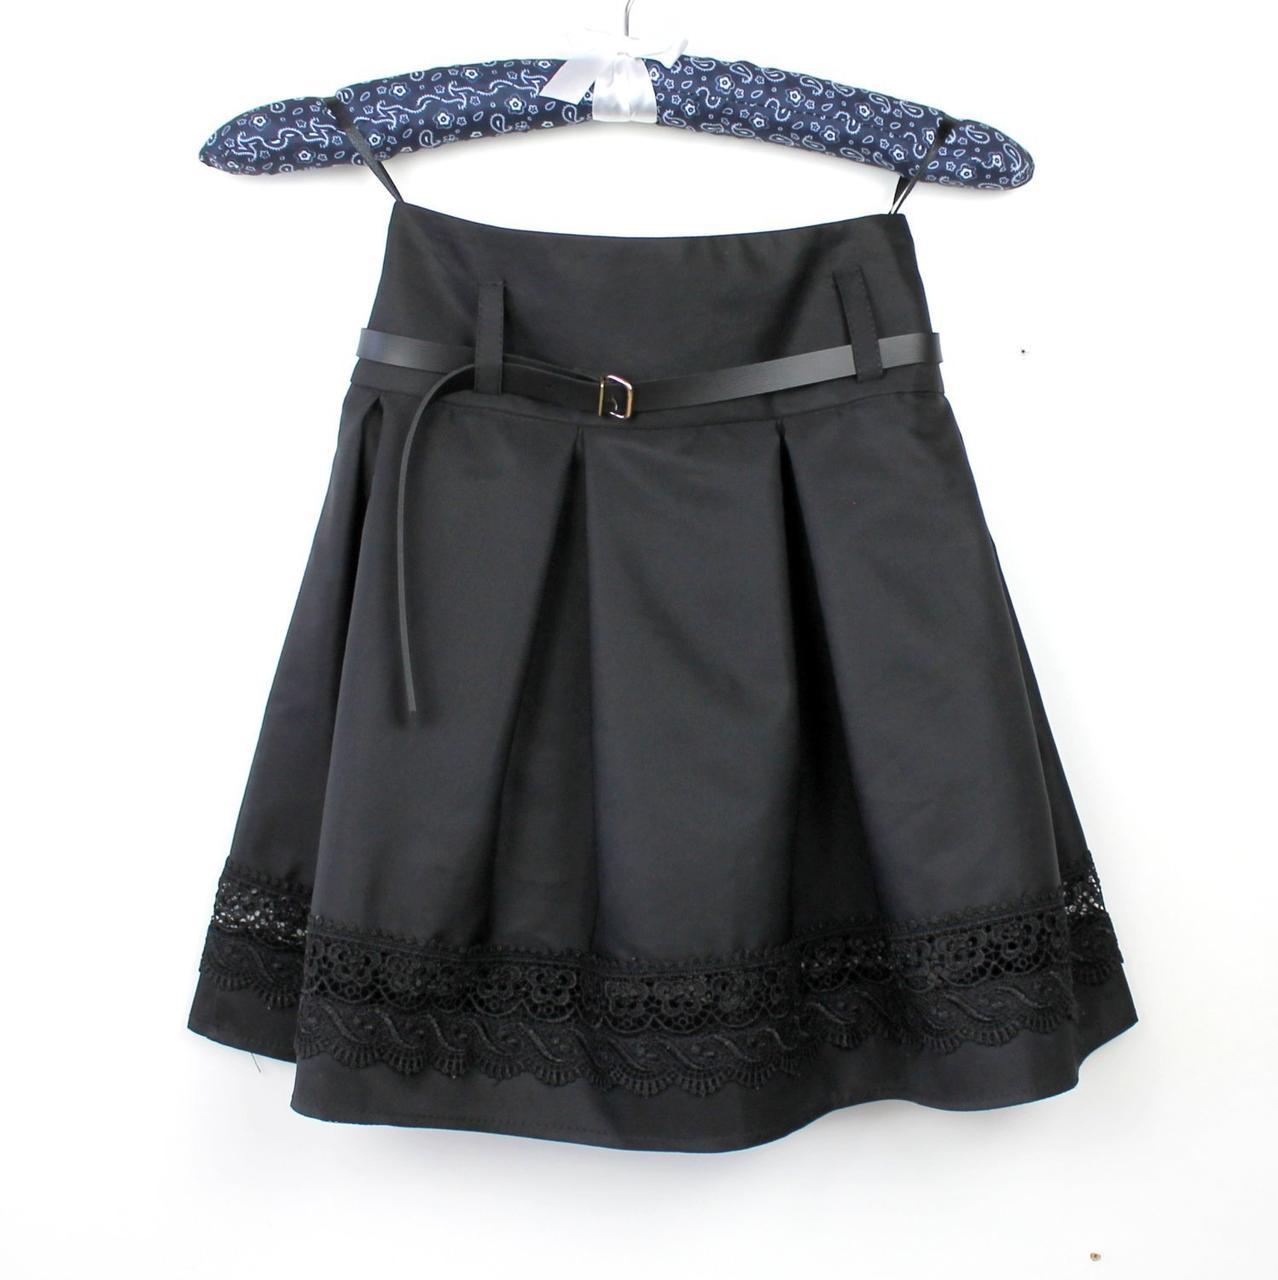 Юбка черная школьная Шанель кружево тм Vdags  размер 122,134